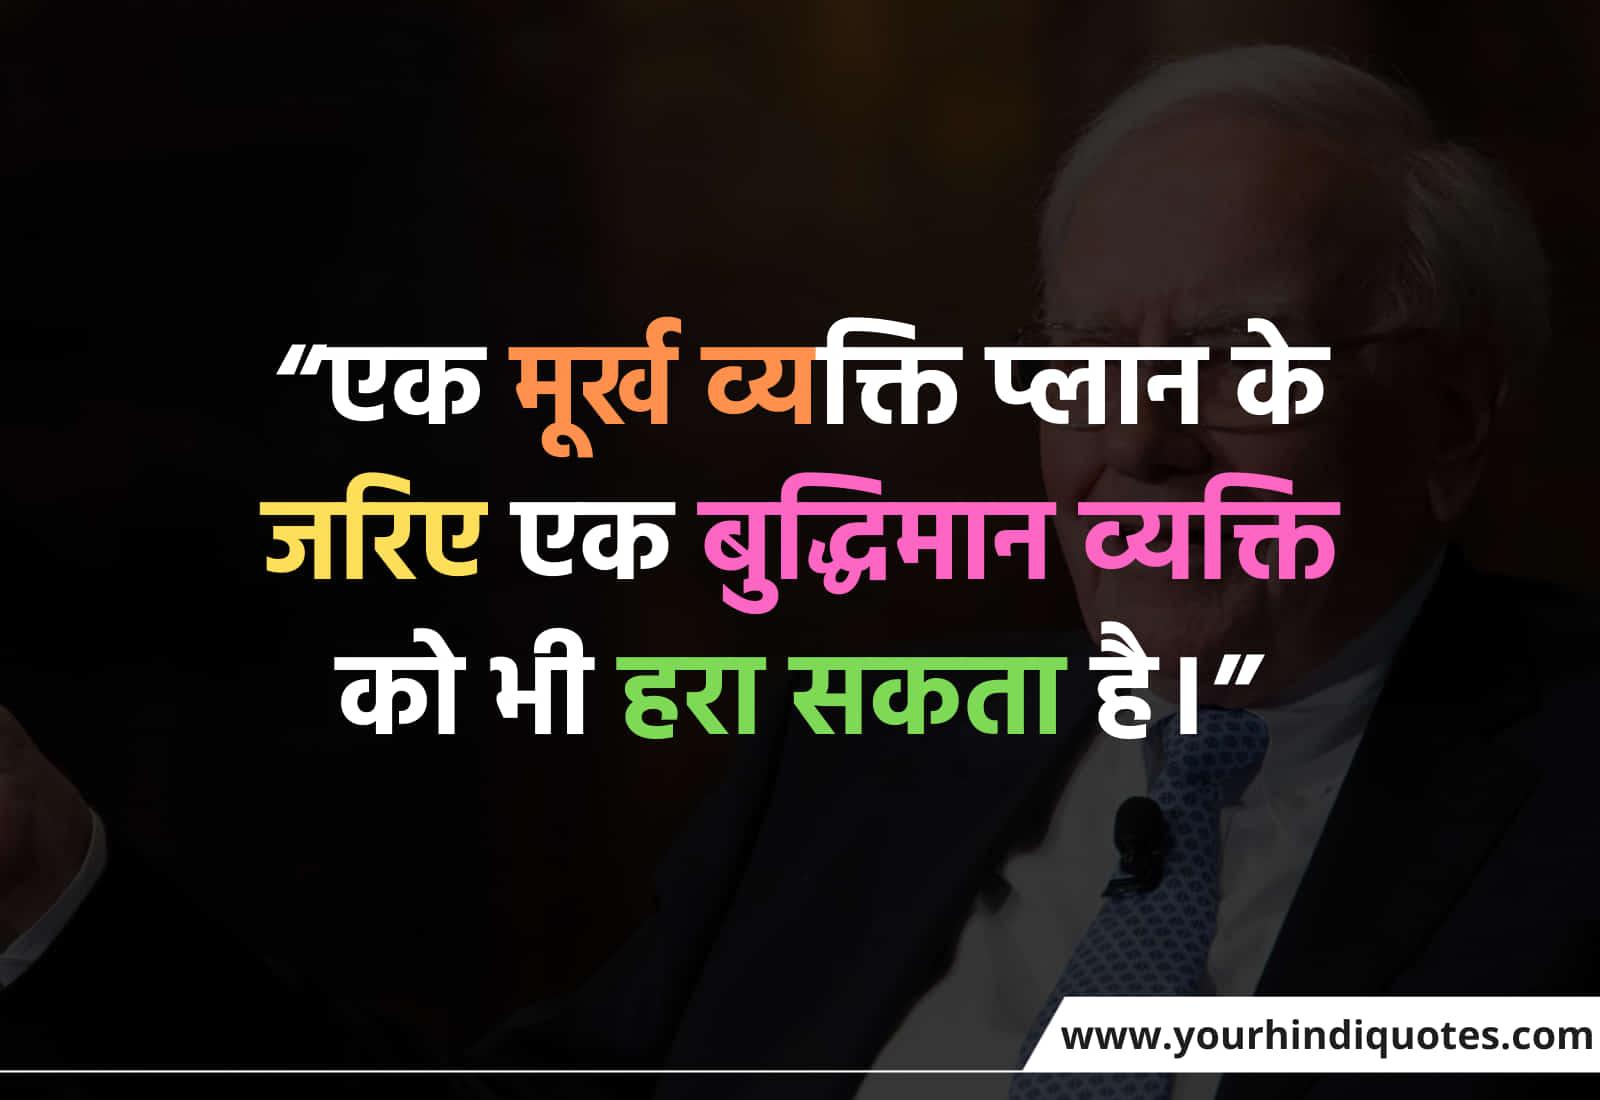 Hindi Motivational Quotes (2)